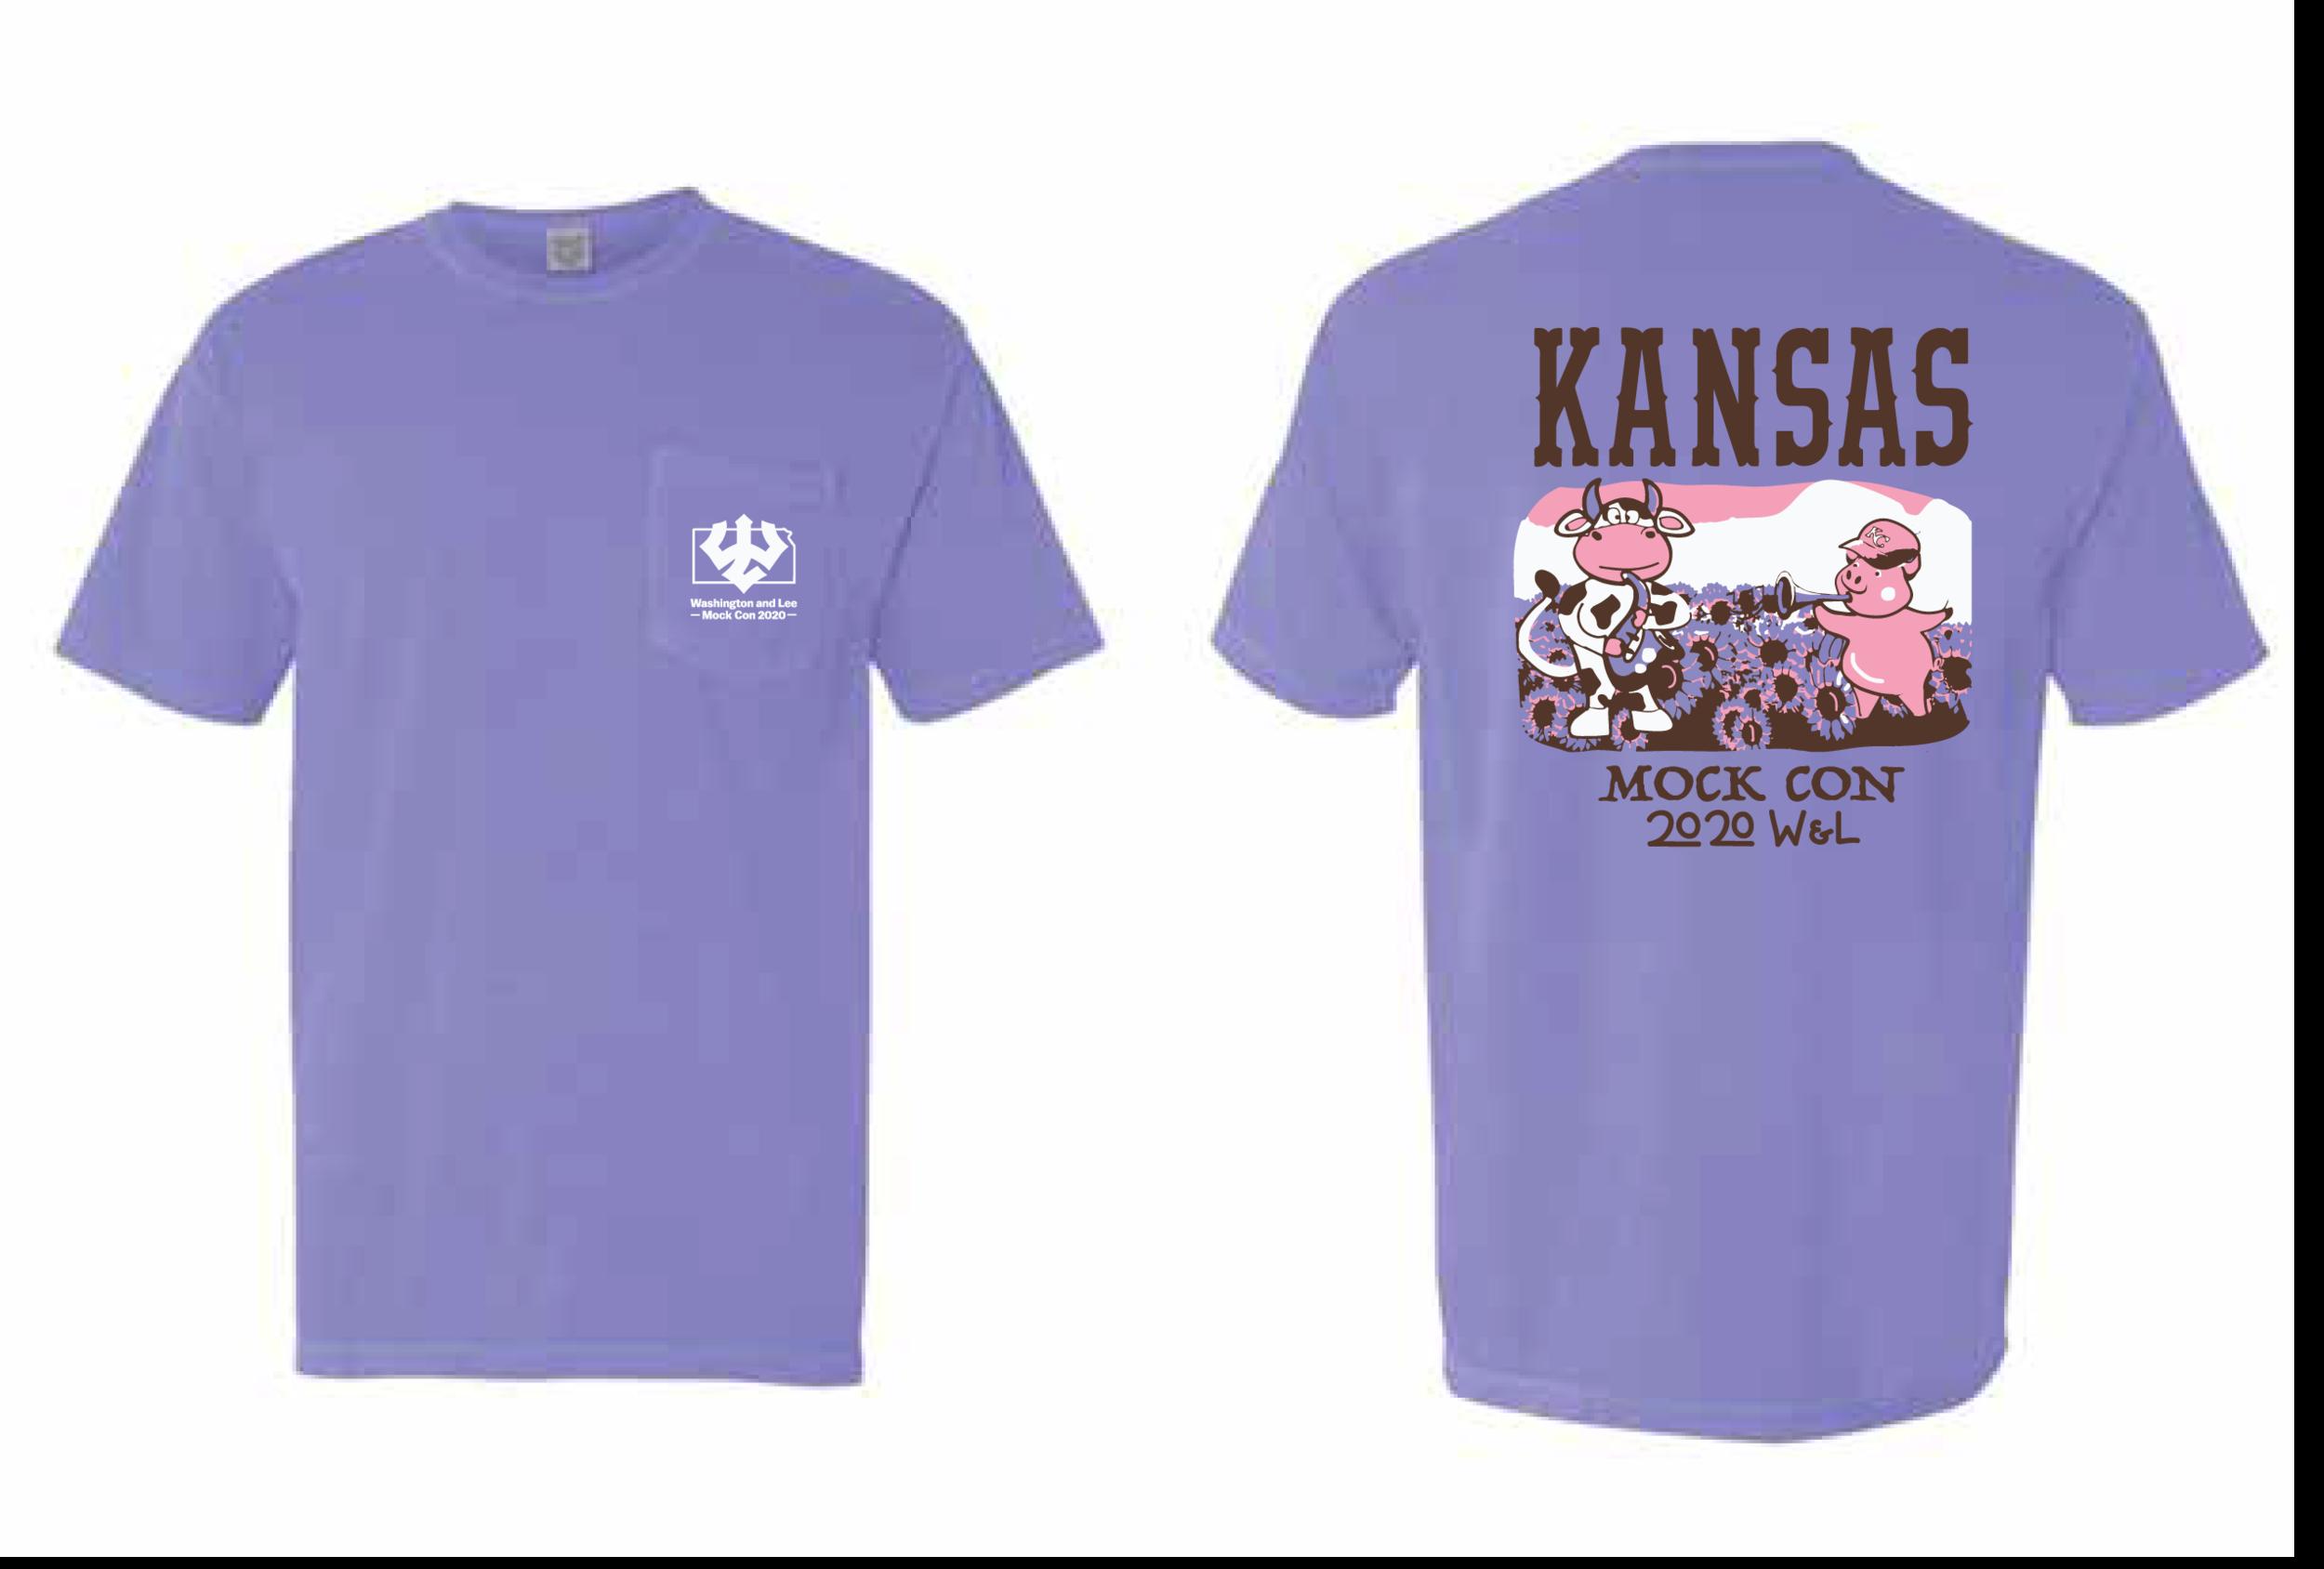 Kansas State Tee